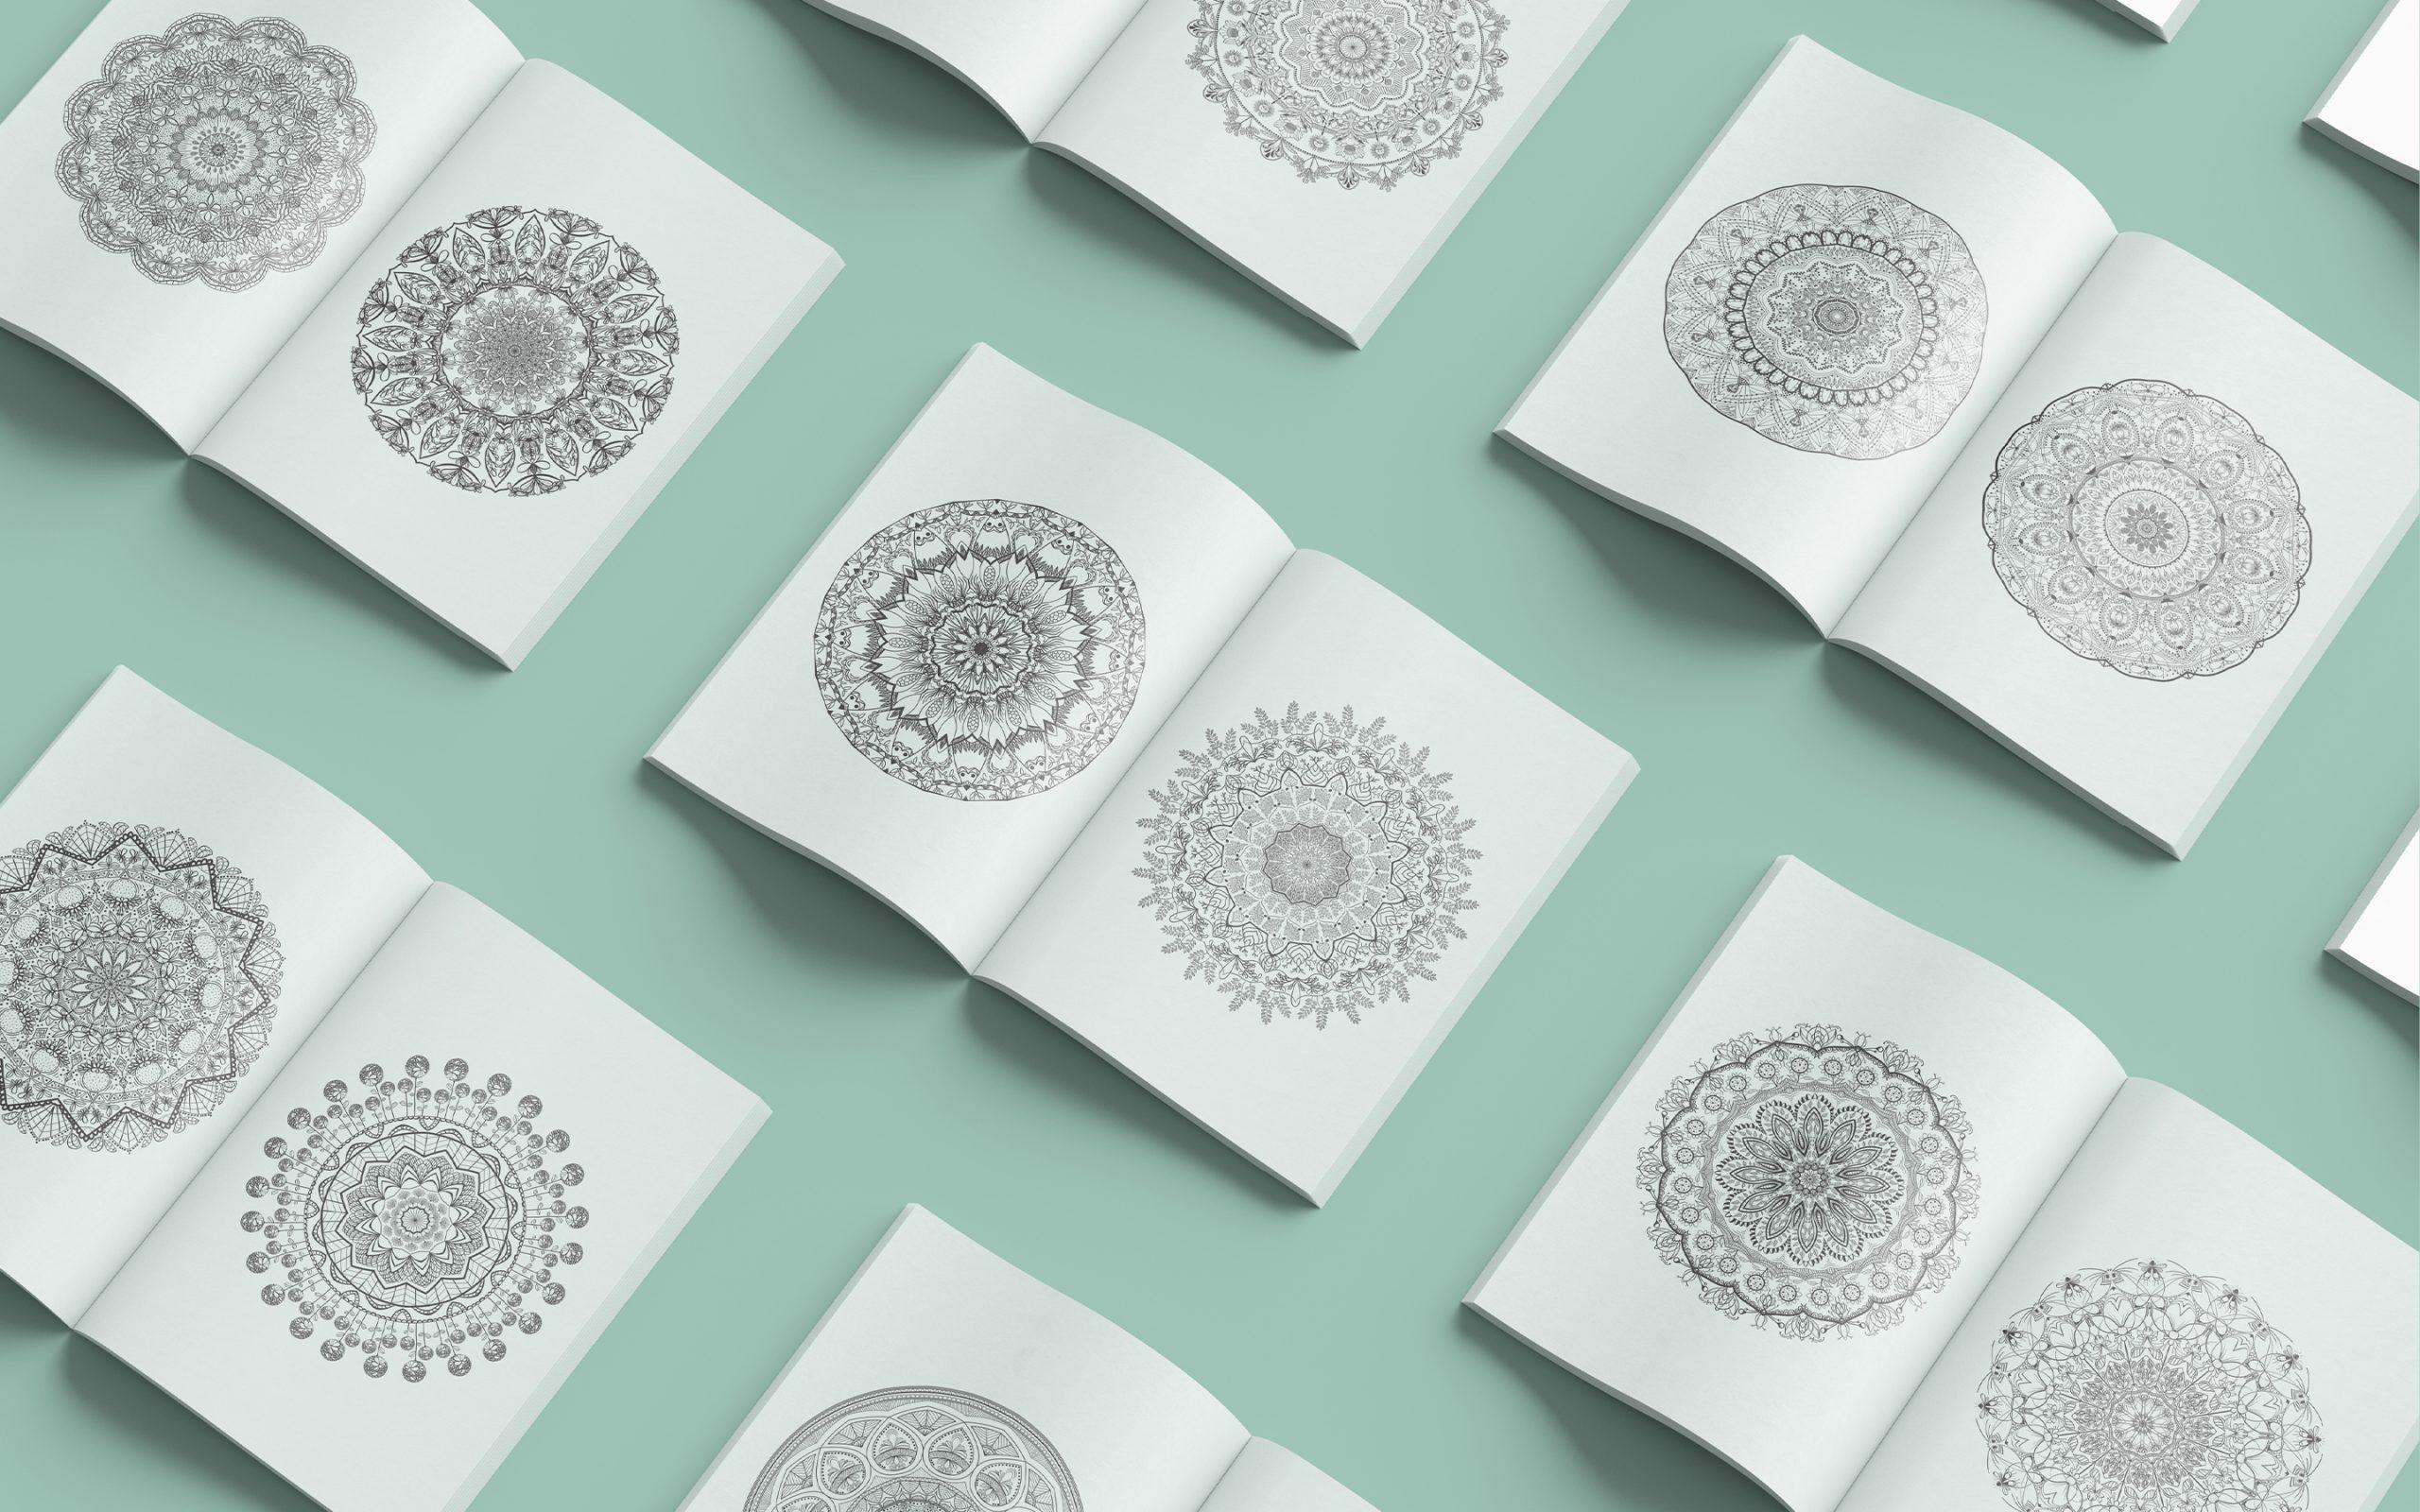 Aufgeschlagener Innenteil des Mandala Ausmalbuches mit verschiedenen Mandalas